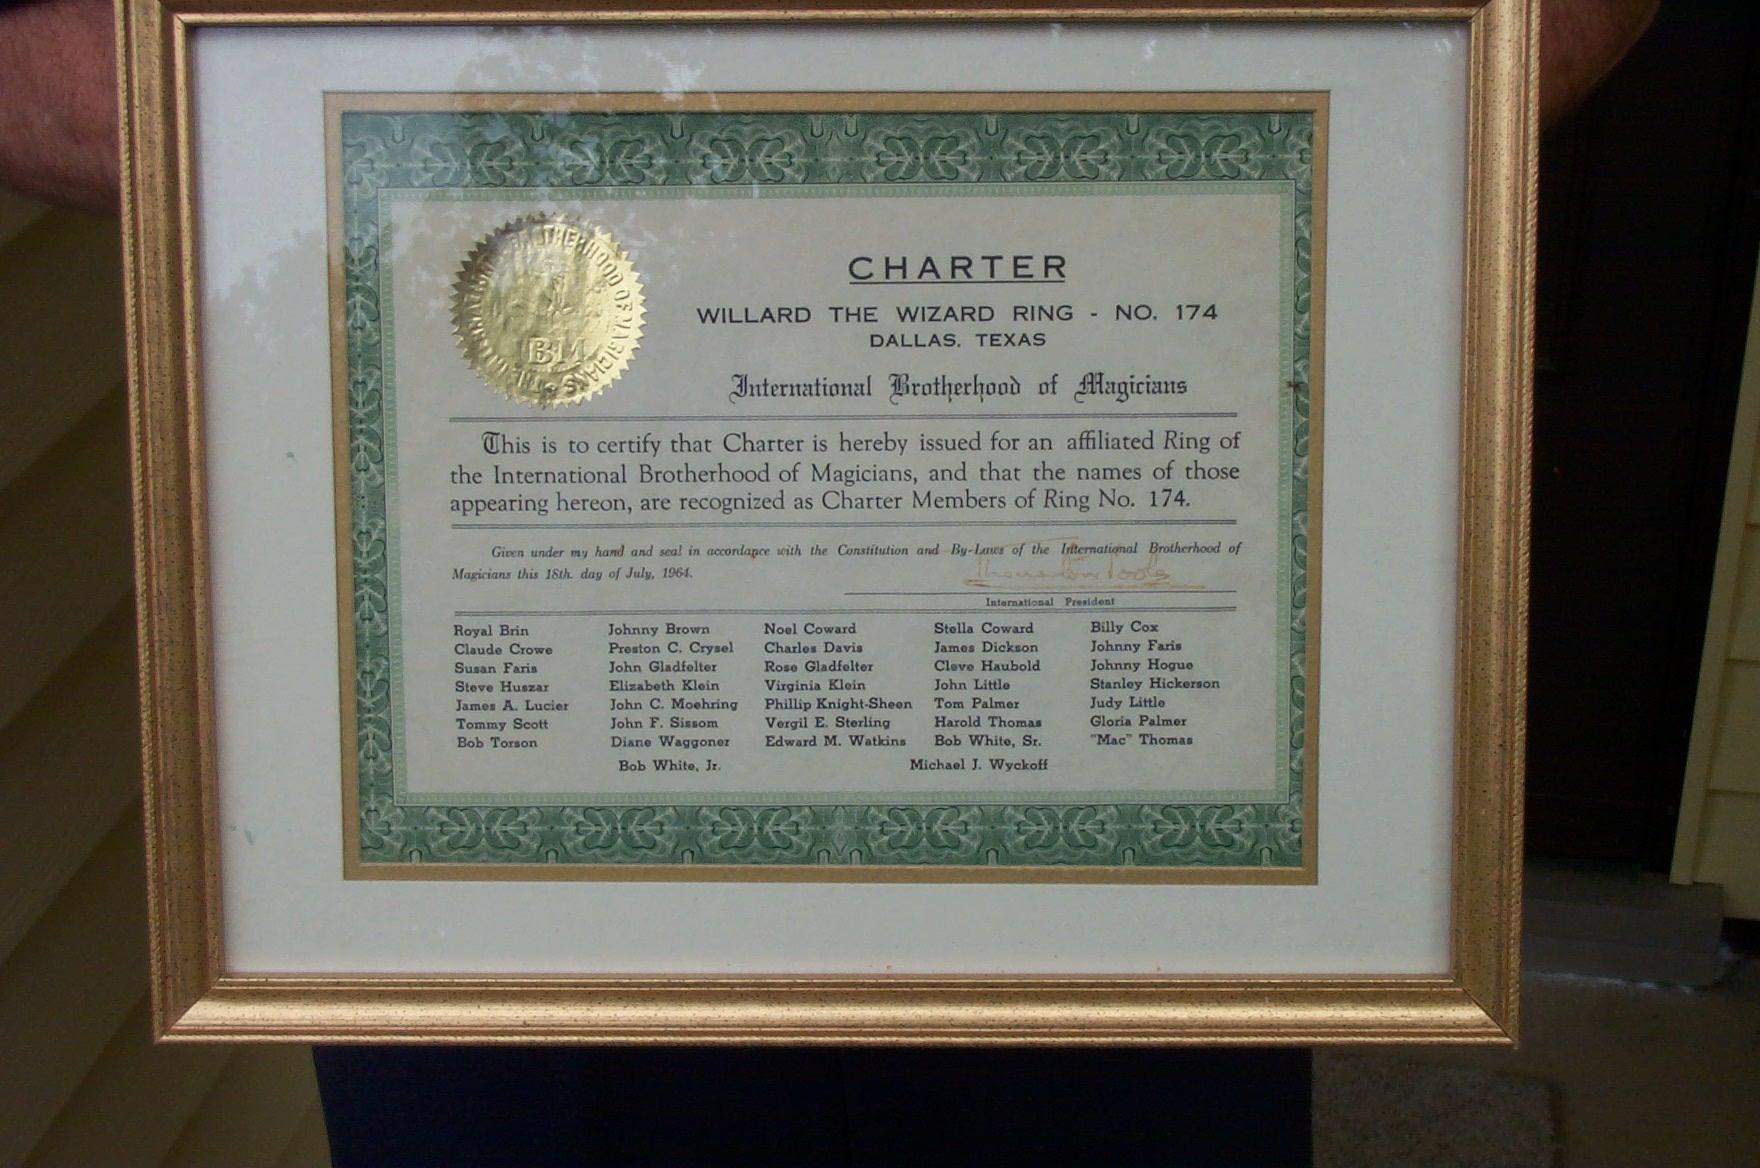 I.B.M. Charter